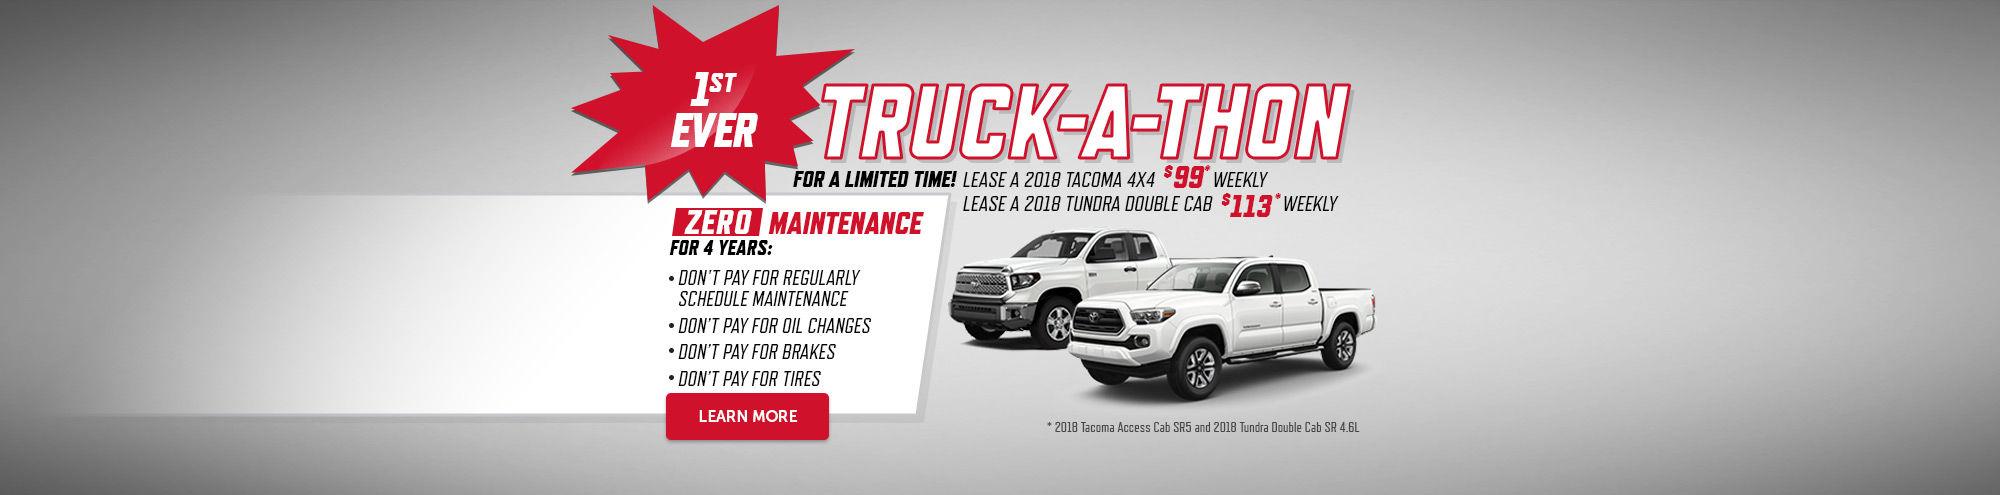 Truck-A-Thon